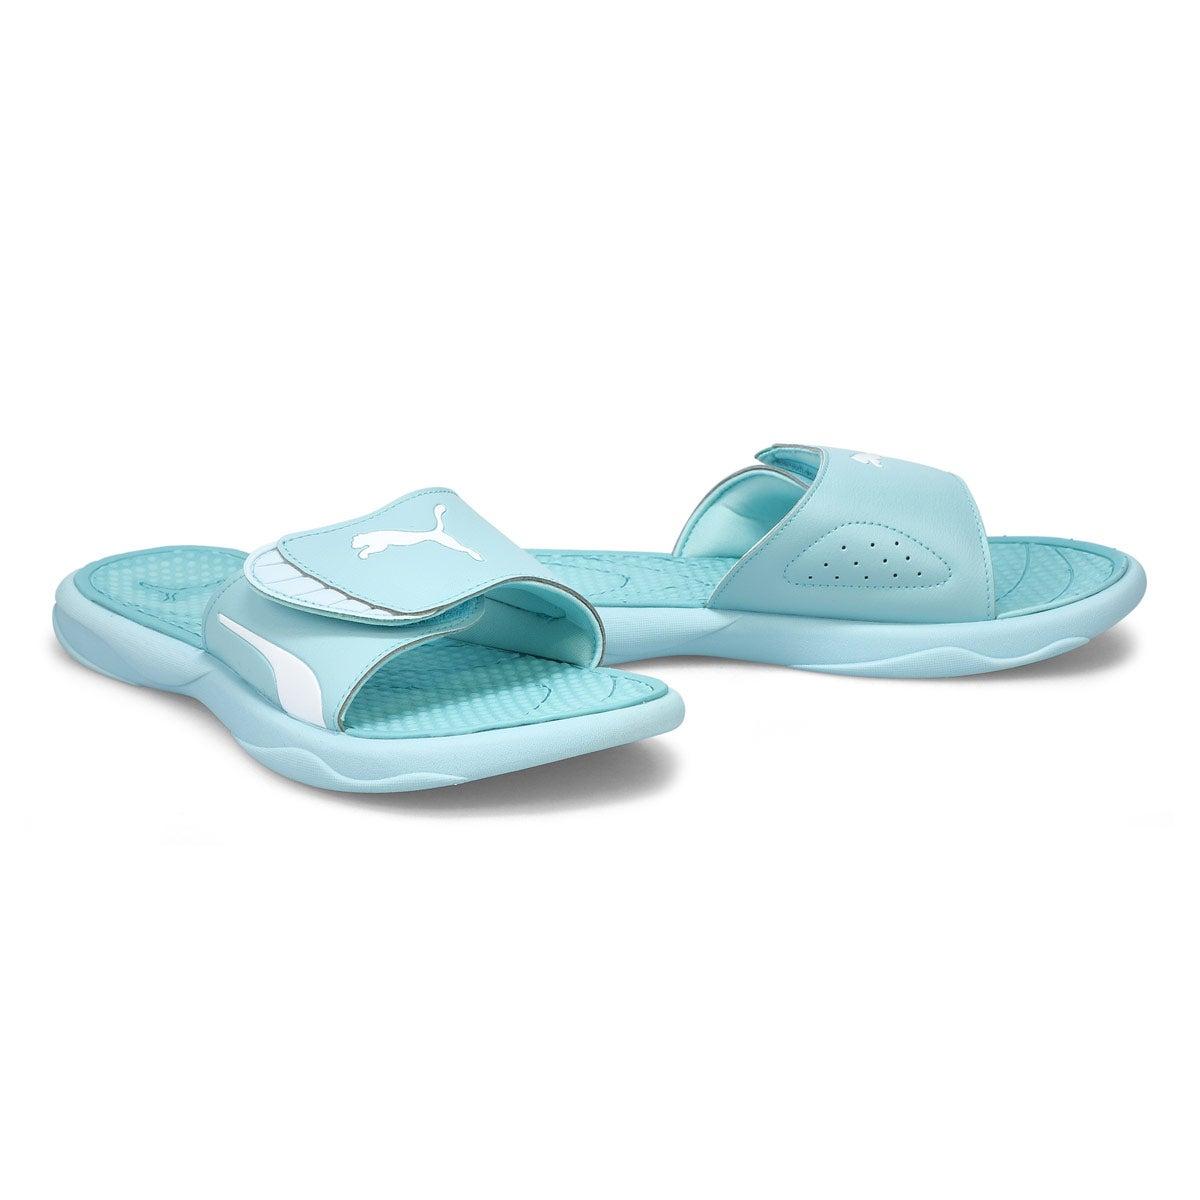 Womens' Royal Cat Sandal - Blue Glow/White